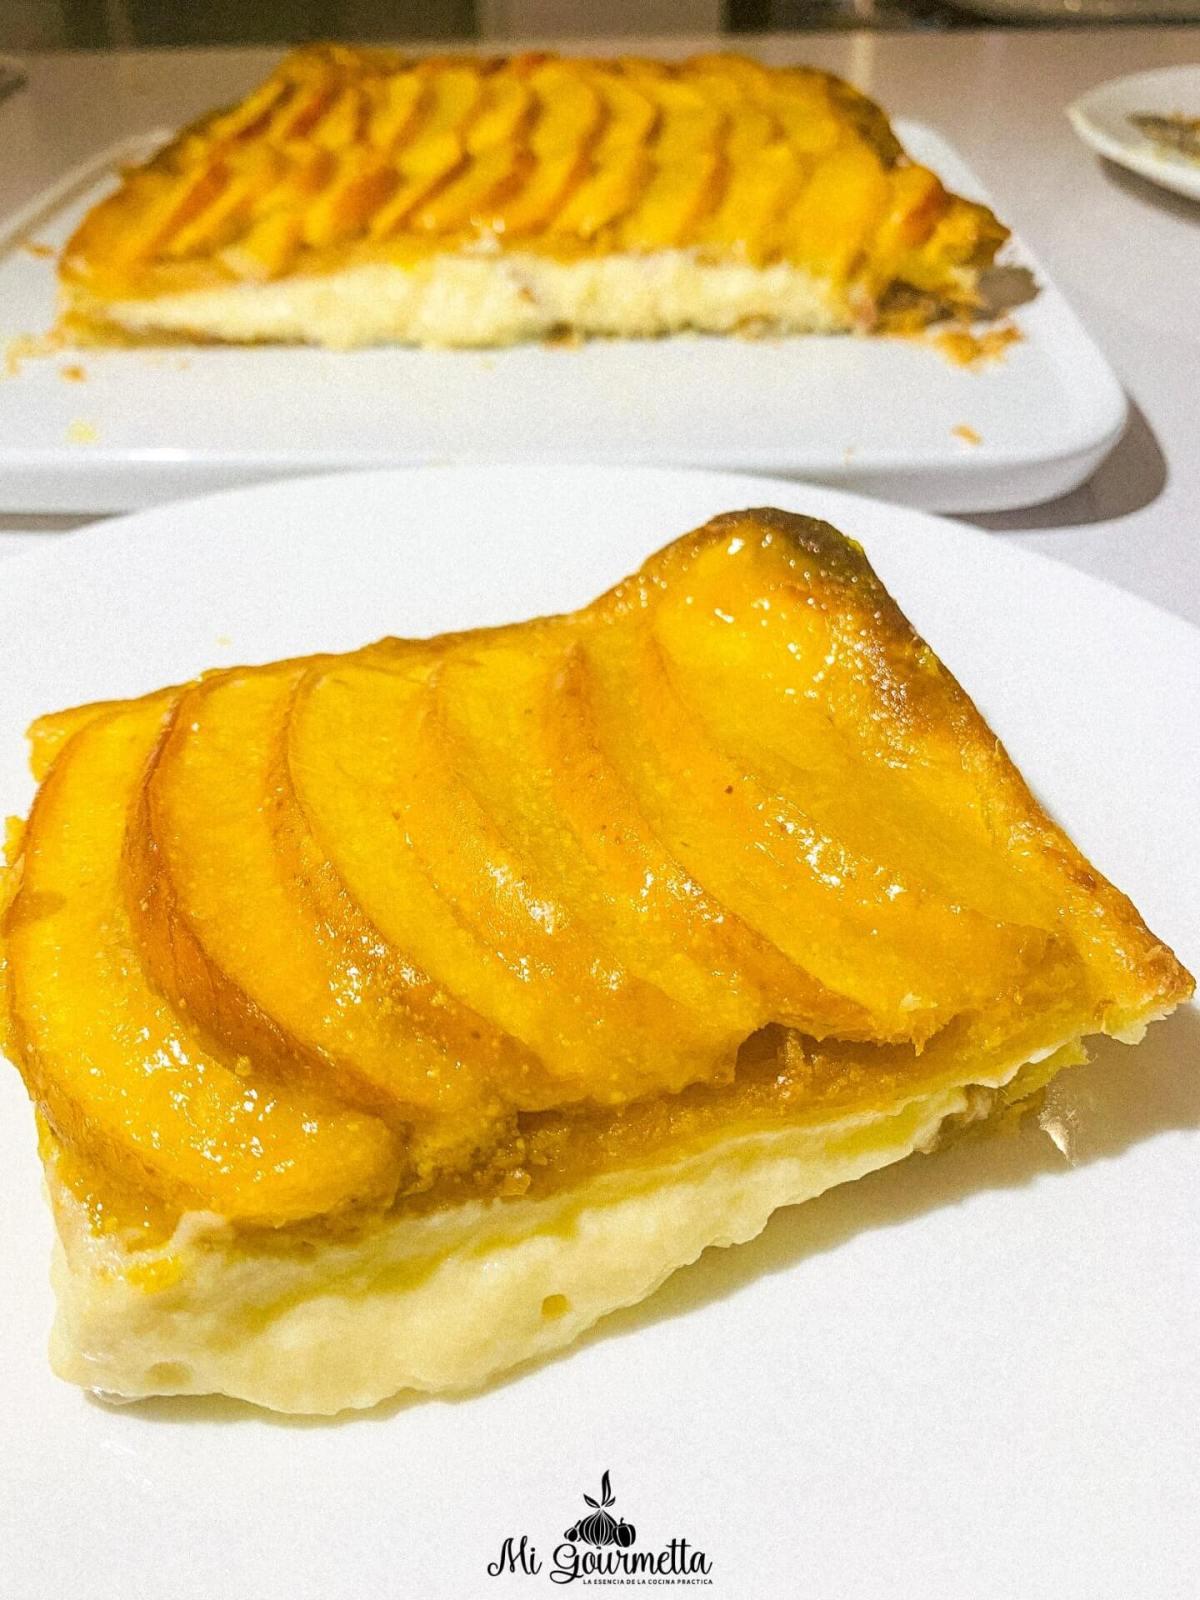 manzana-asada-migourmetta